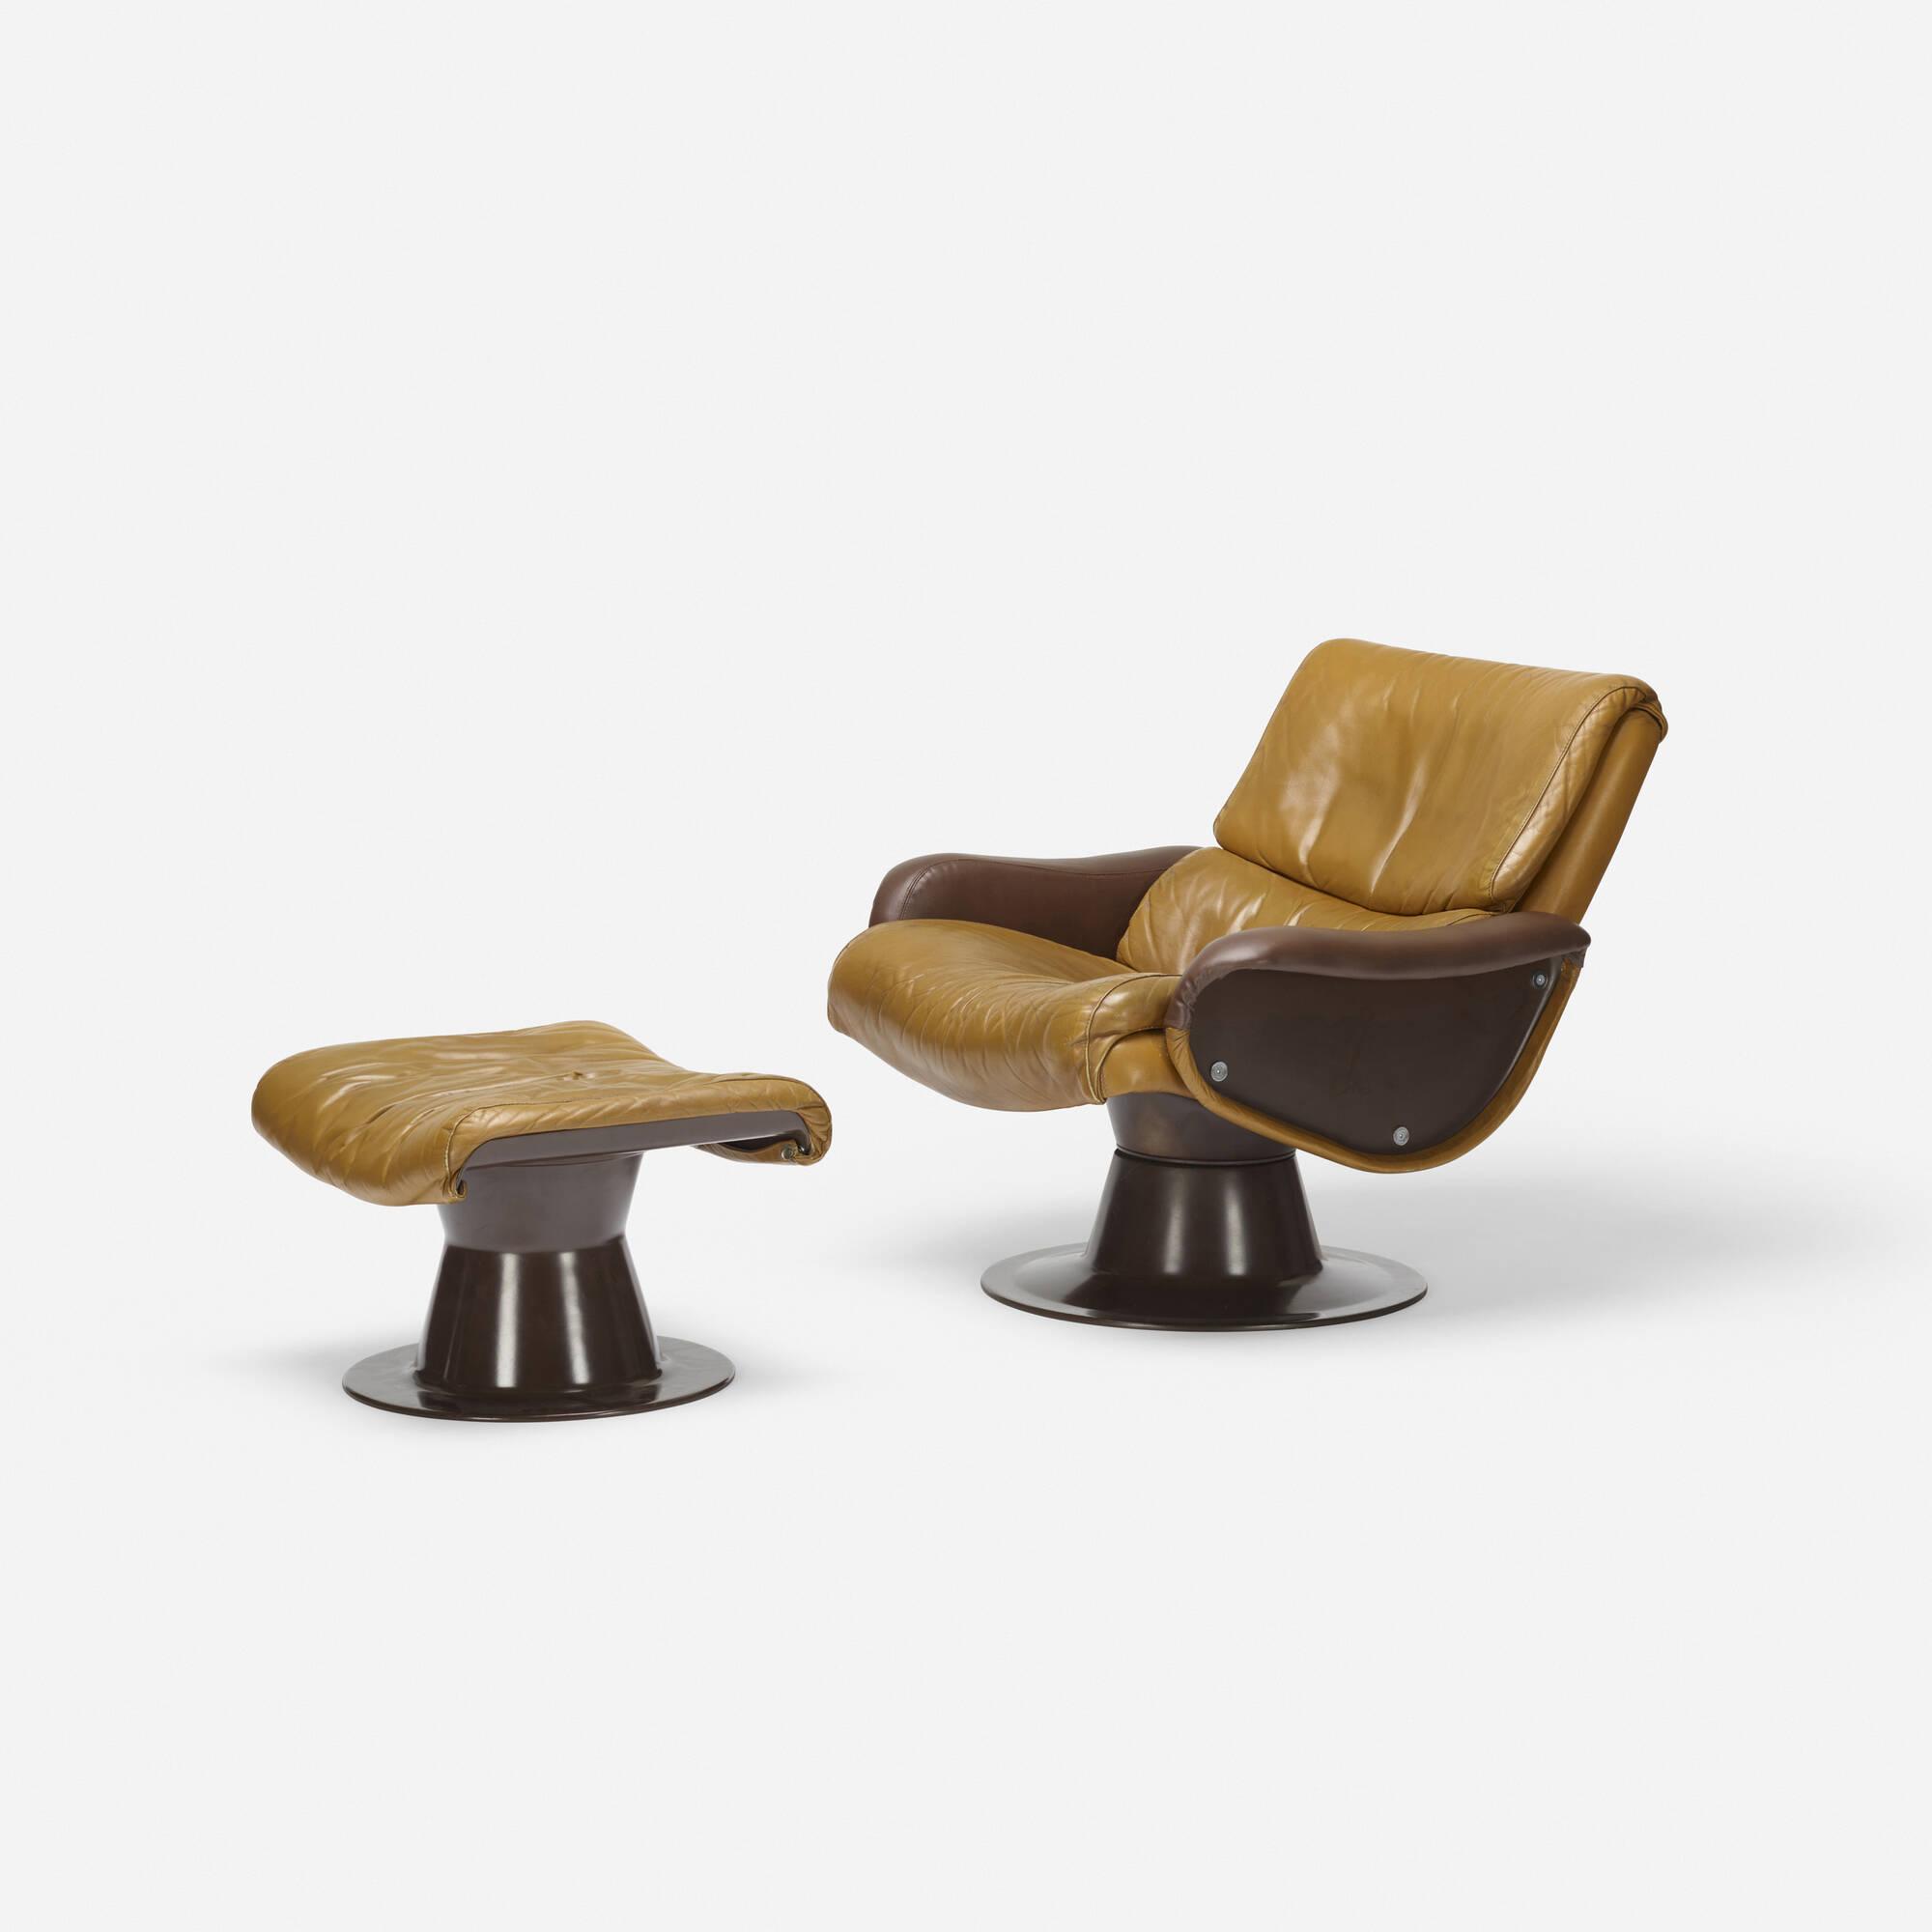 404: Yrjö Kukkapuro / Saturn lounge chair and ottoman (1 of 2)